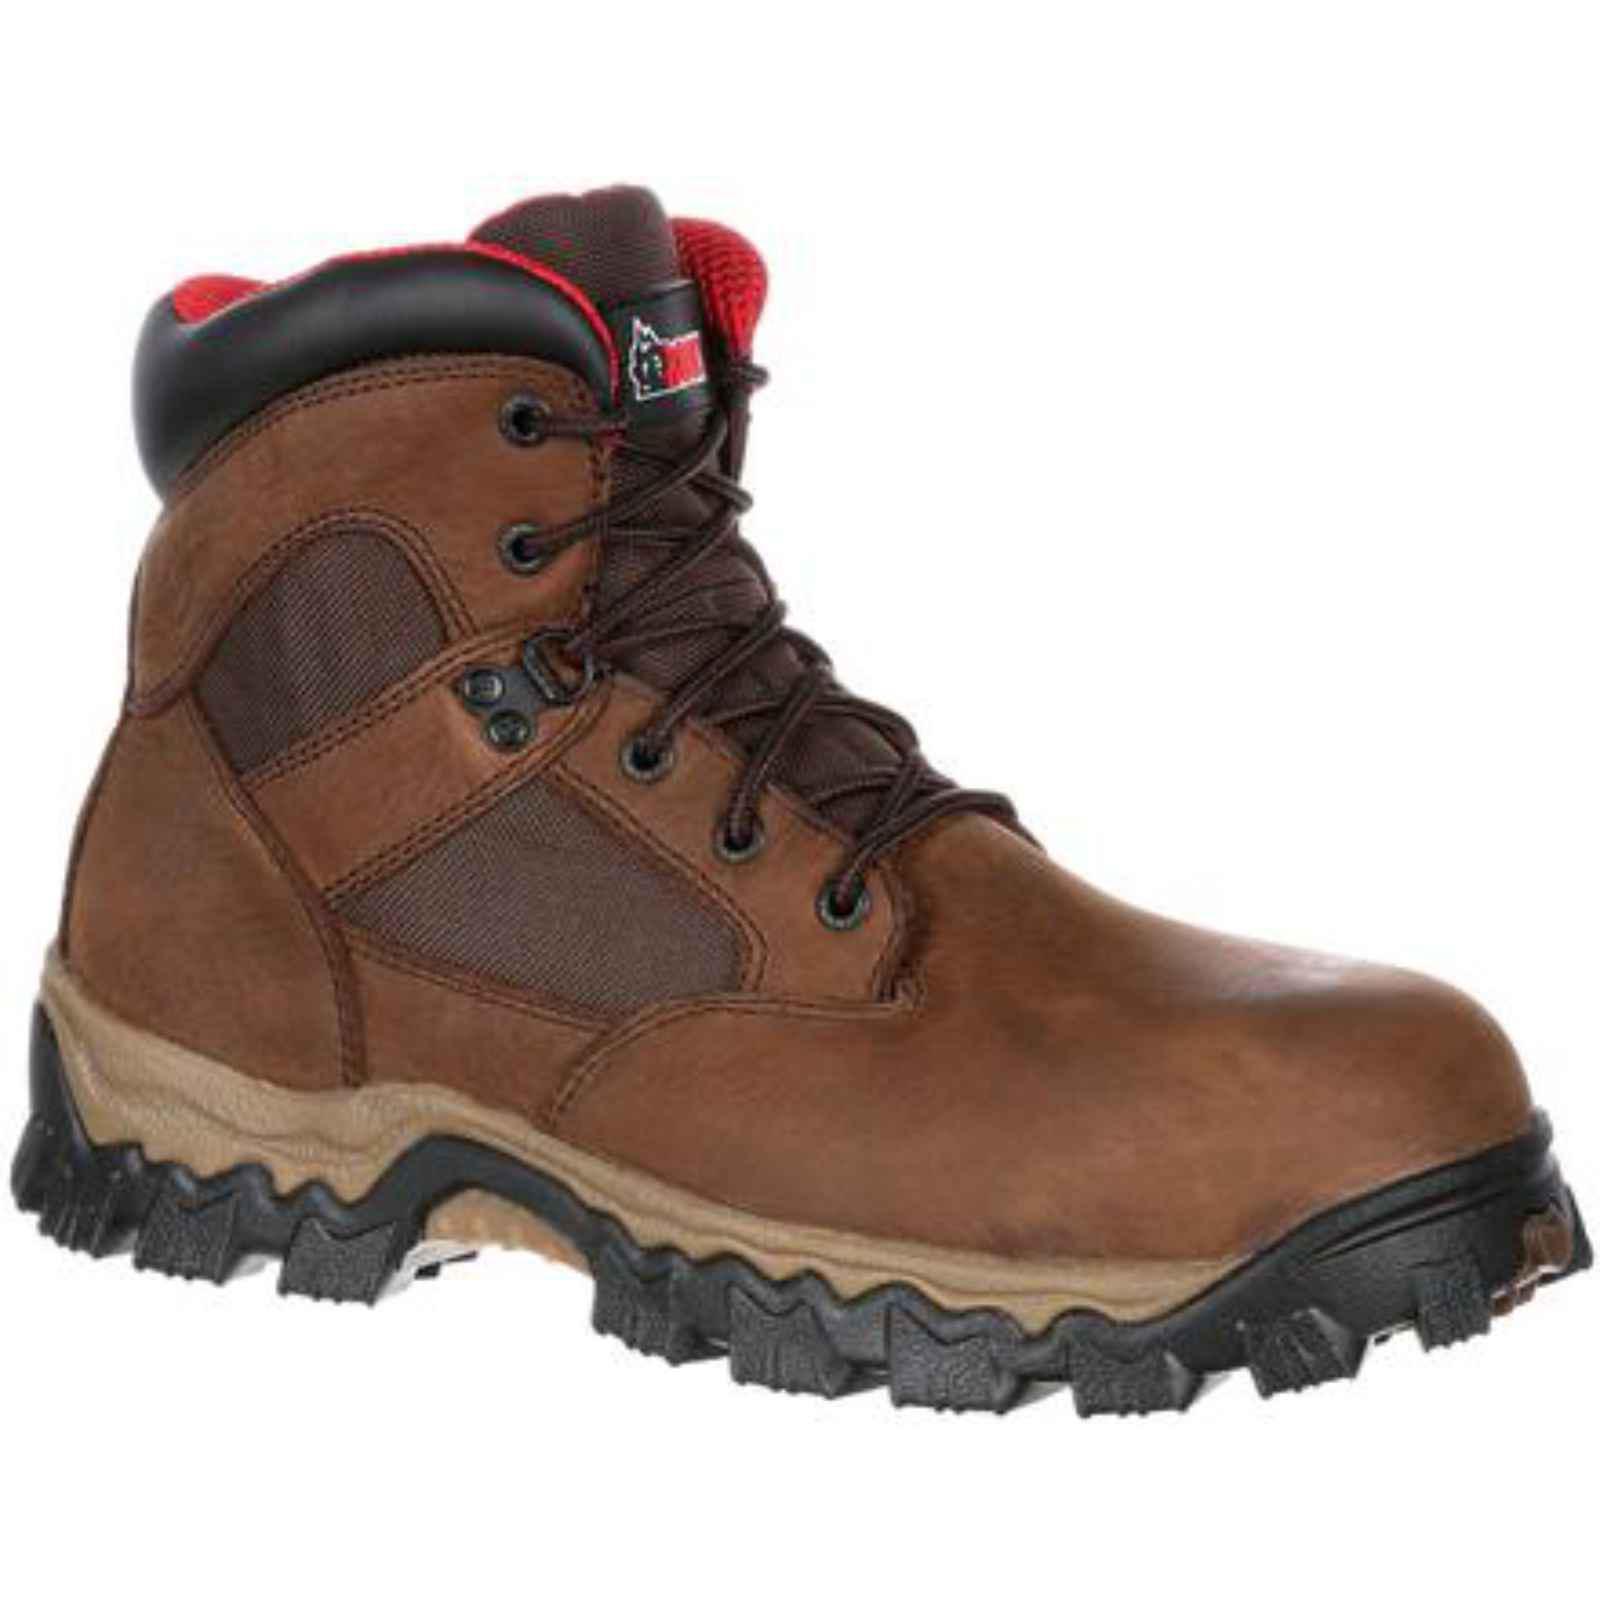 Rocky Alphaforce Composite Toe Waterproof Work Boot RKK0166 by ROCKY BRANDS